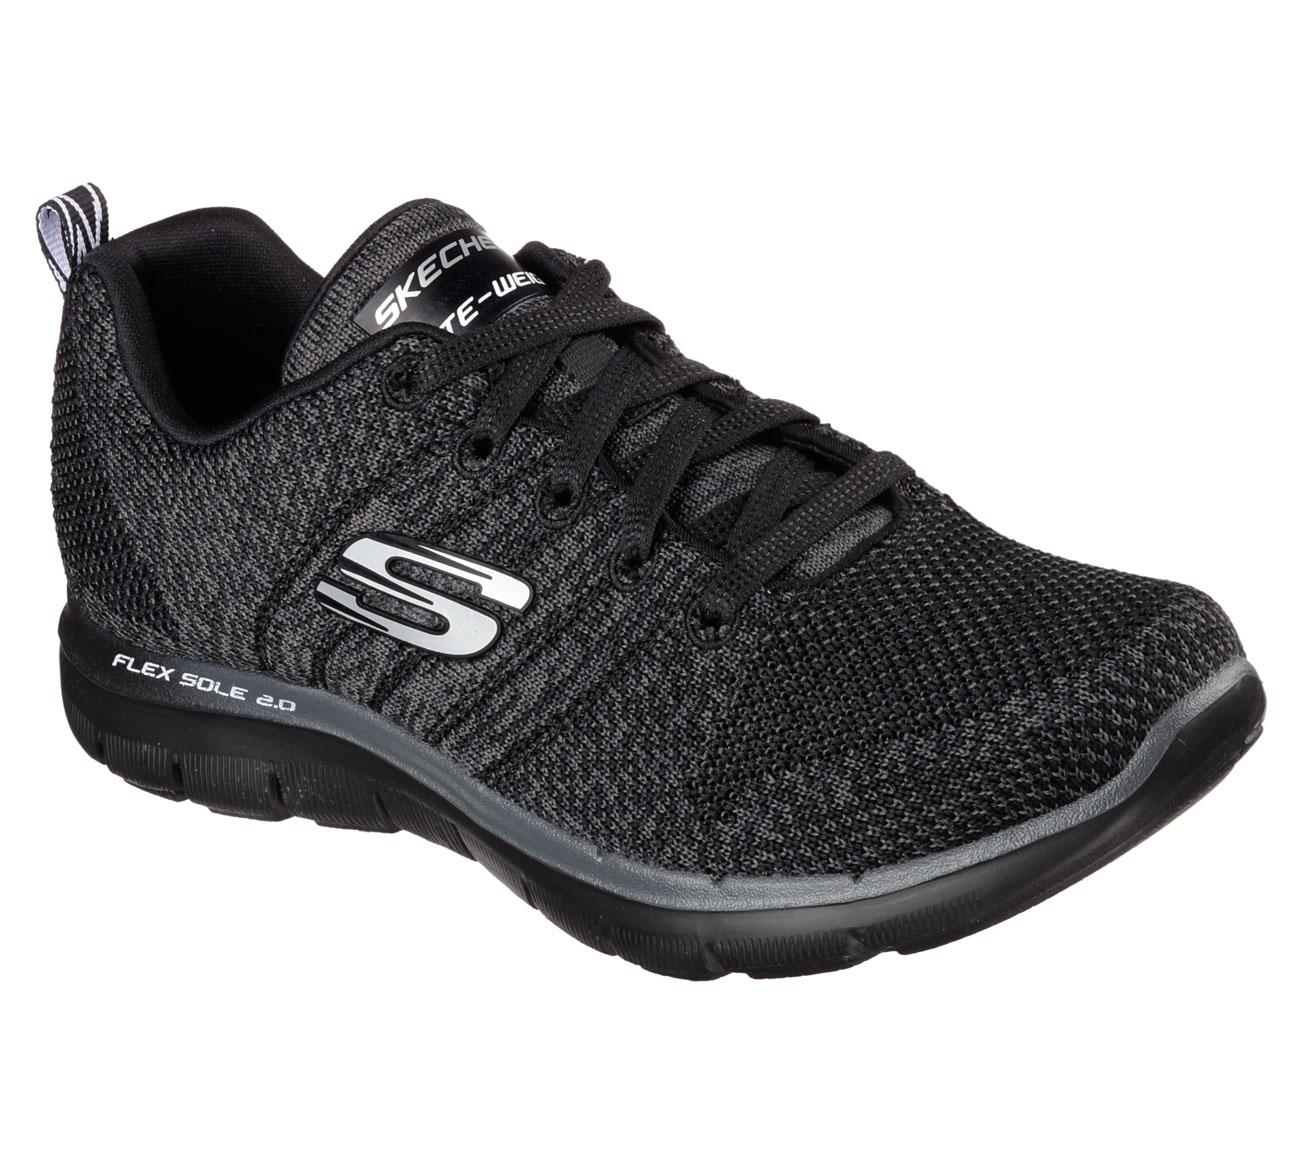 Skechers Running Flex 2 Shoes 0 For Black Appeal Highenergy Women mN8wvn0O